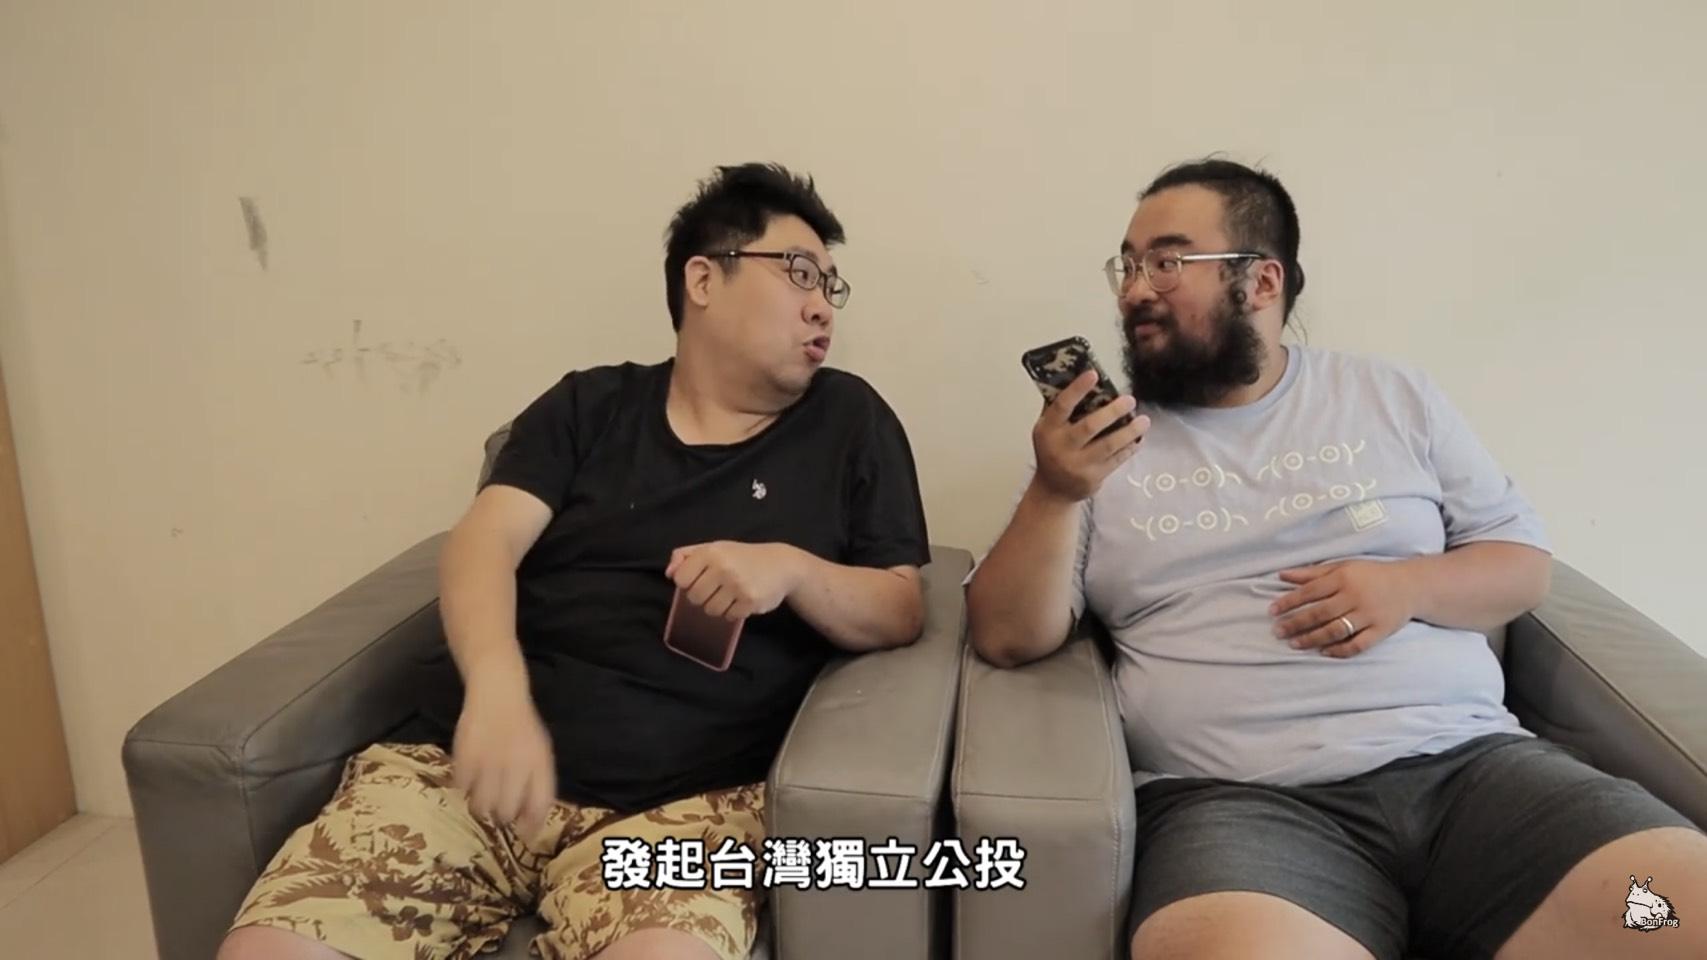 真的在一起?!「國動」大方提和「彥彤」結婚規劃 網驚呼:不像開玩笑